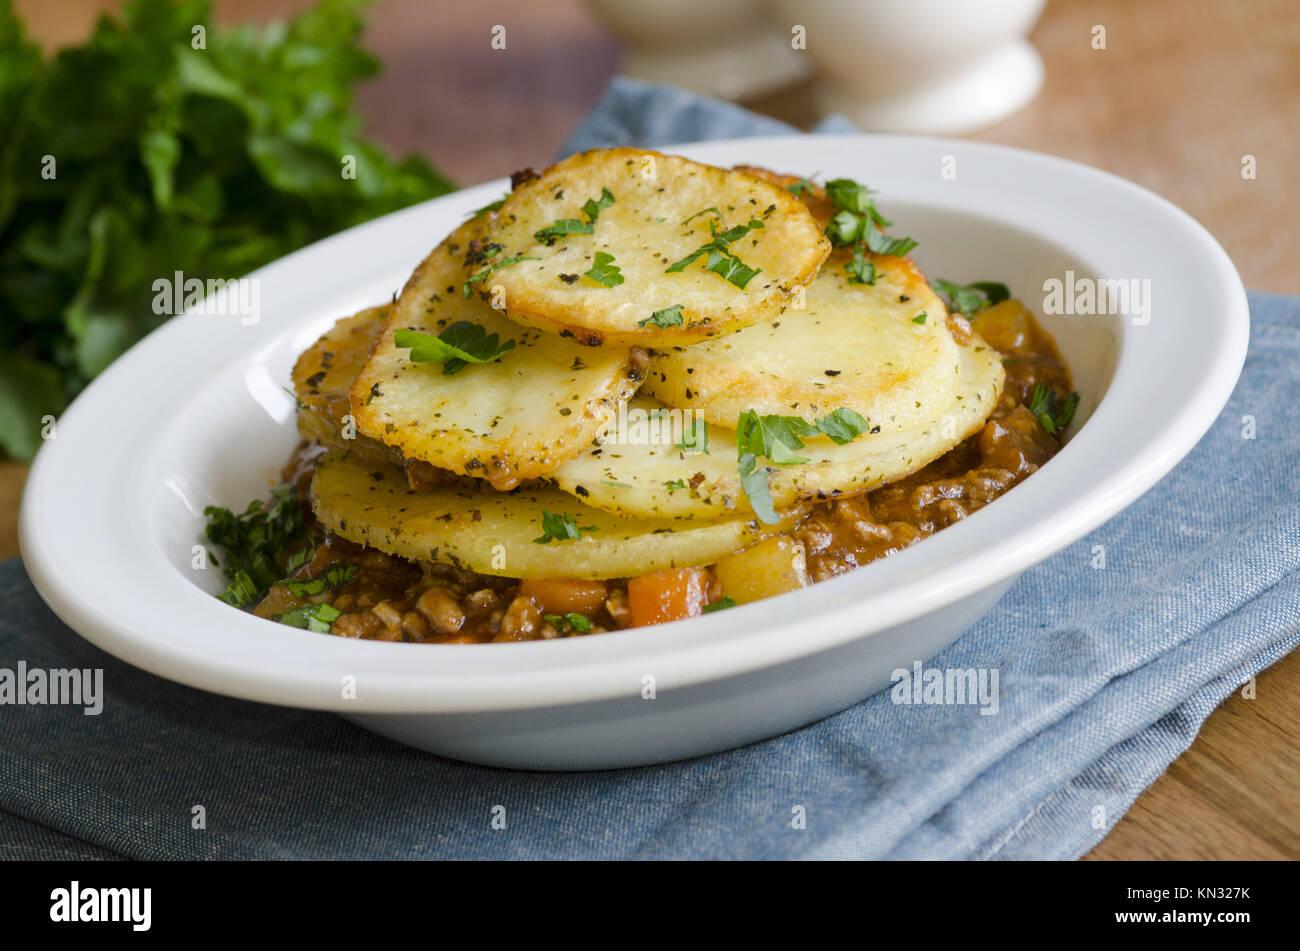 Cordero picada, en trozos grandes las zanahorias y los guisantes en una rica salsa, rematada con patatas asadas. Imagen De Stock